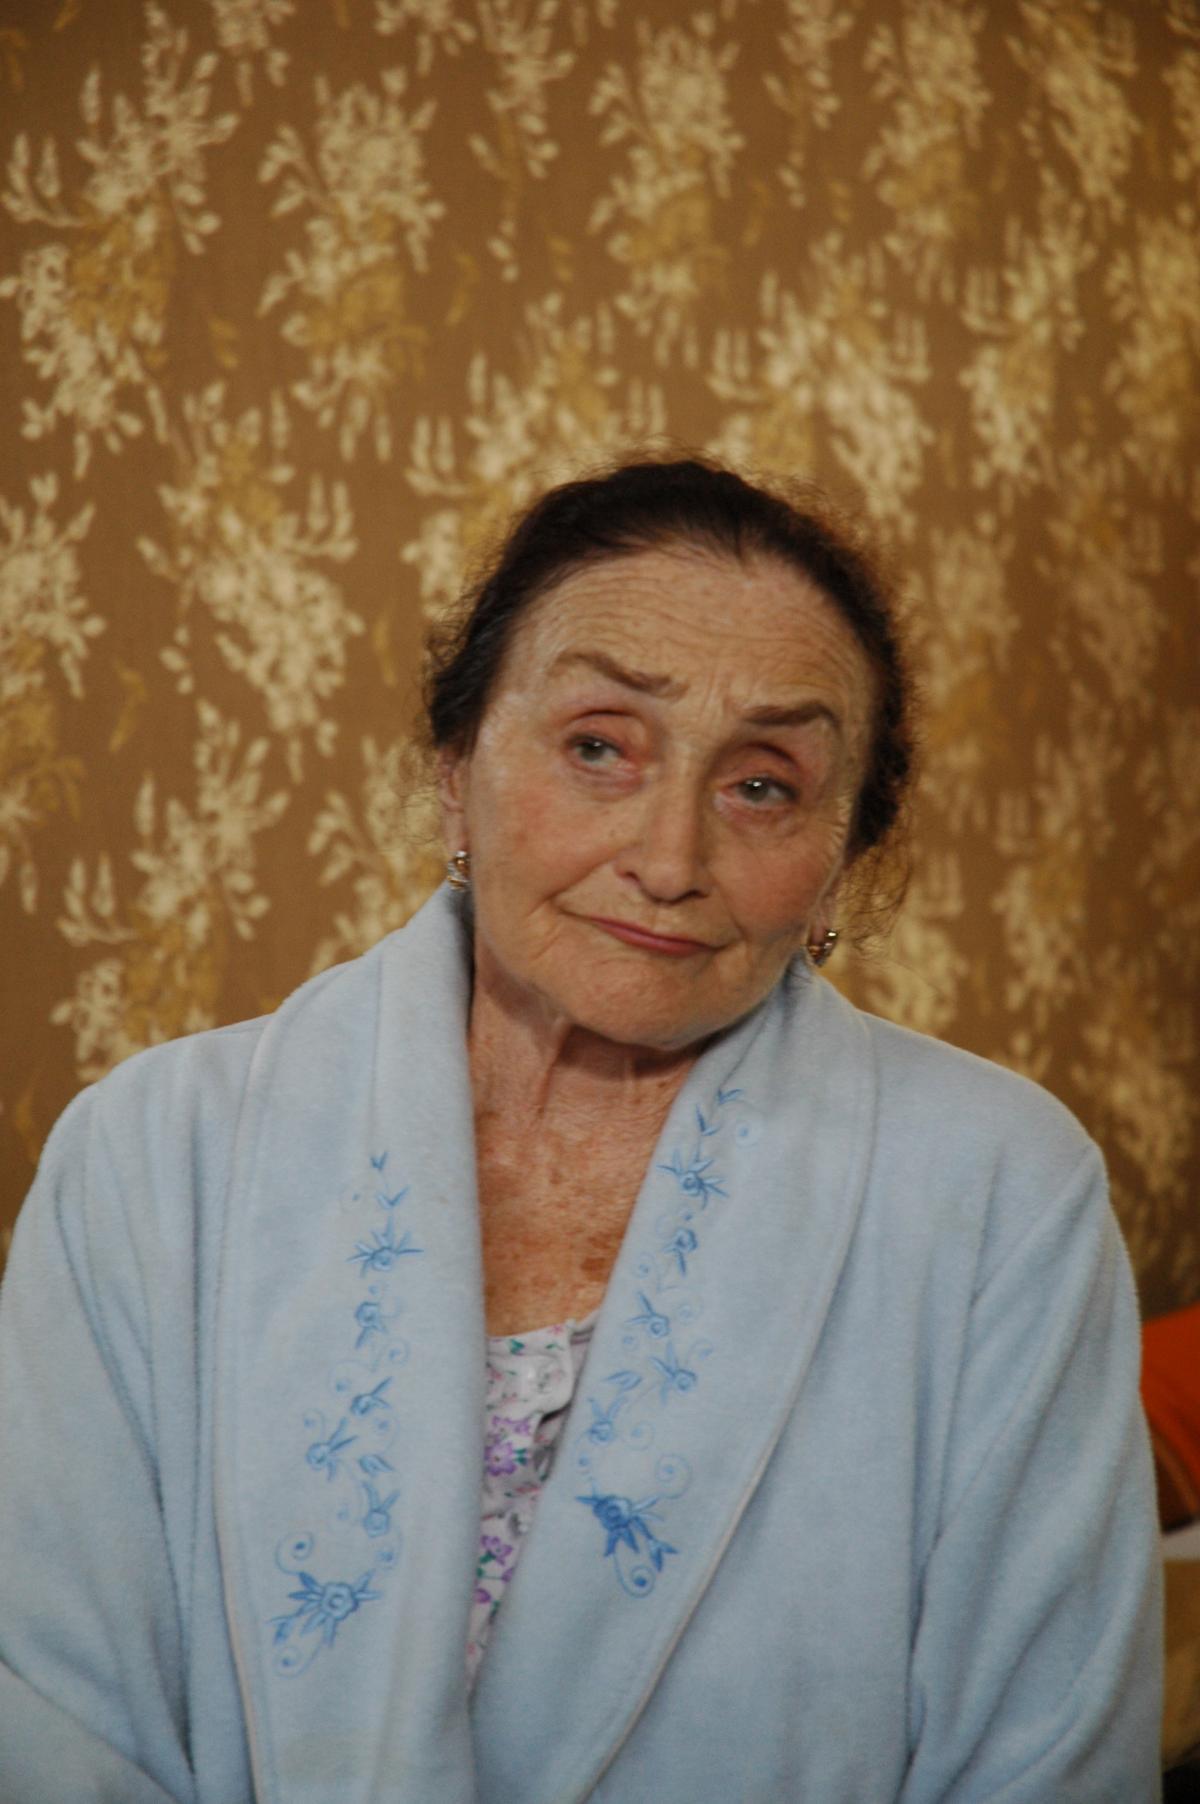 אמא של ולנטינה